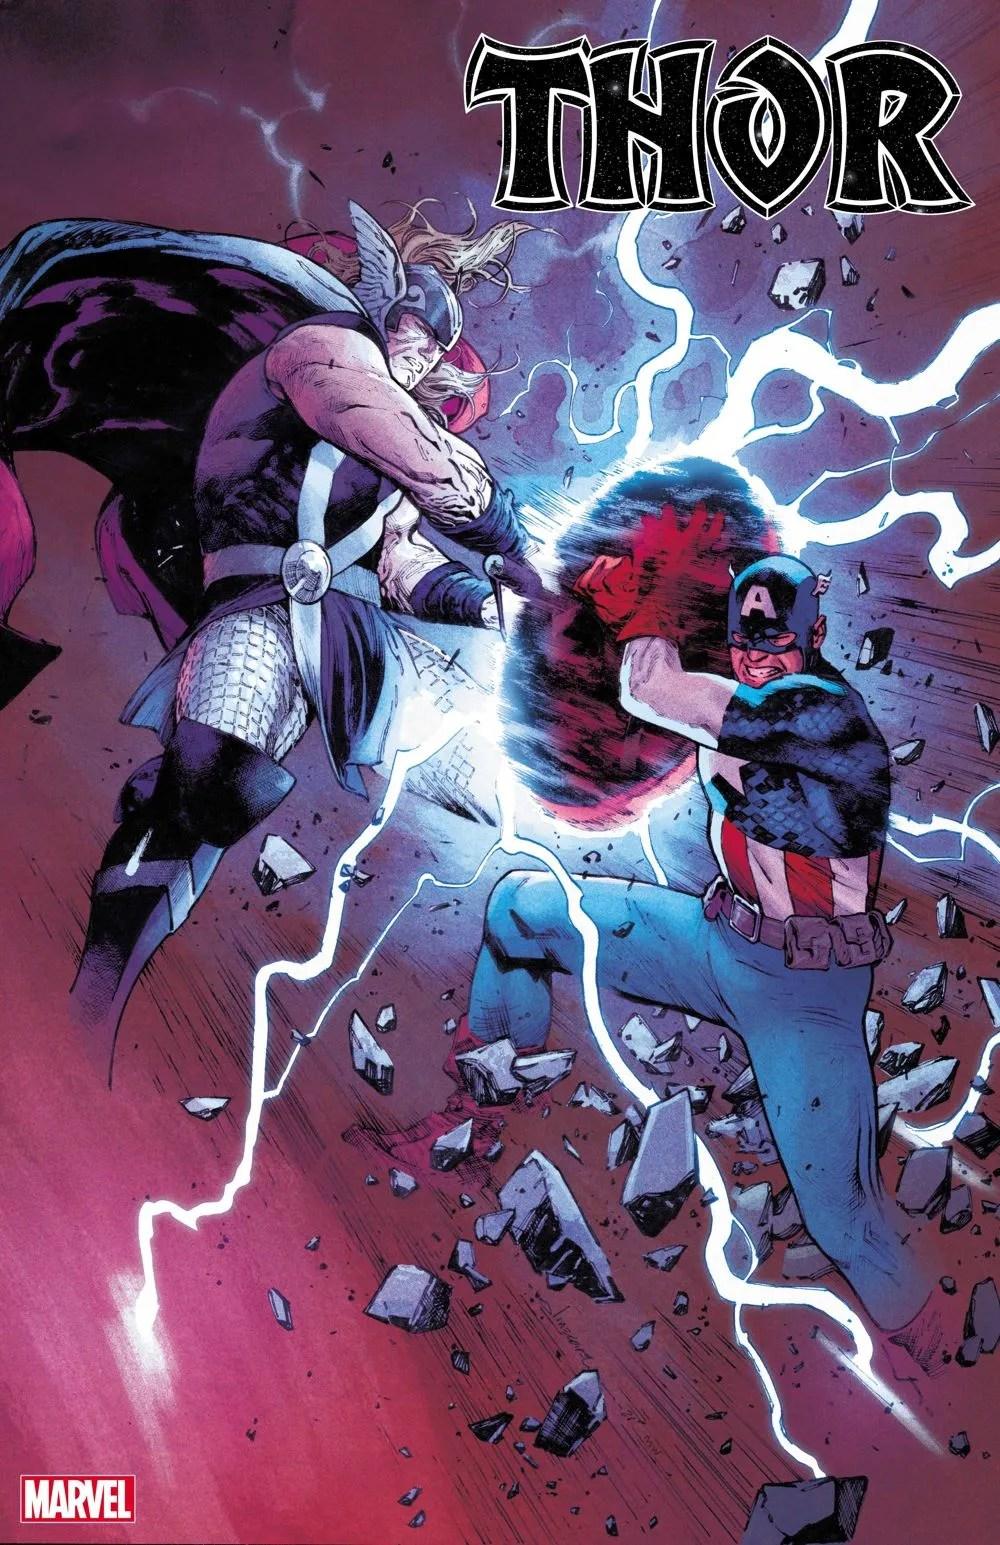 THOR2020015_cvr-1 Thor battles Captain America on THOR #15 variant cover